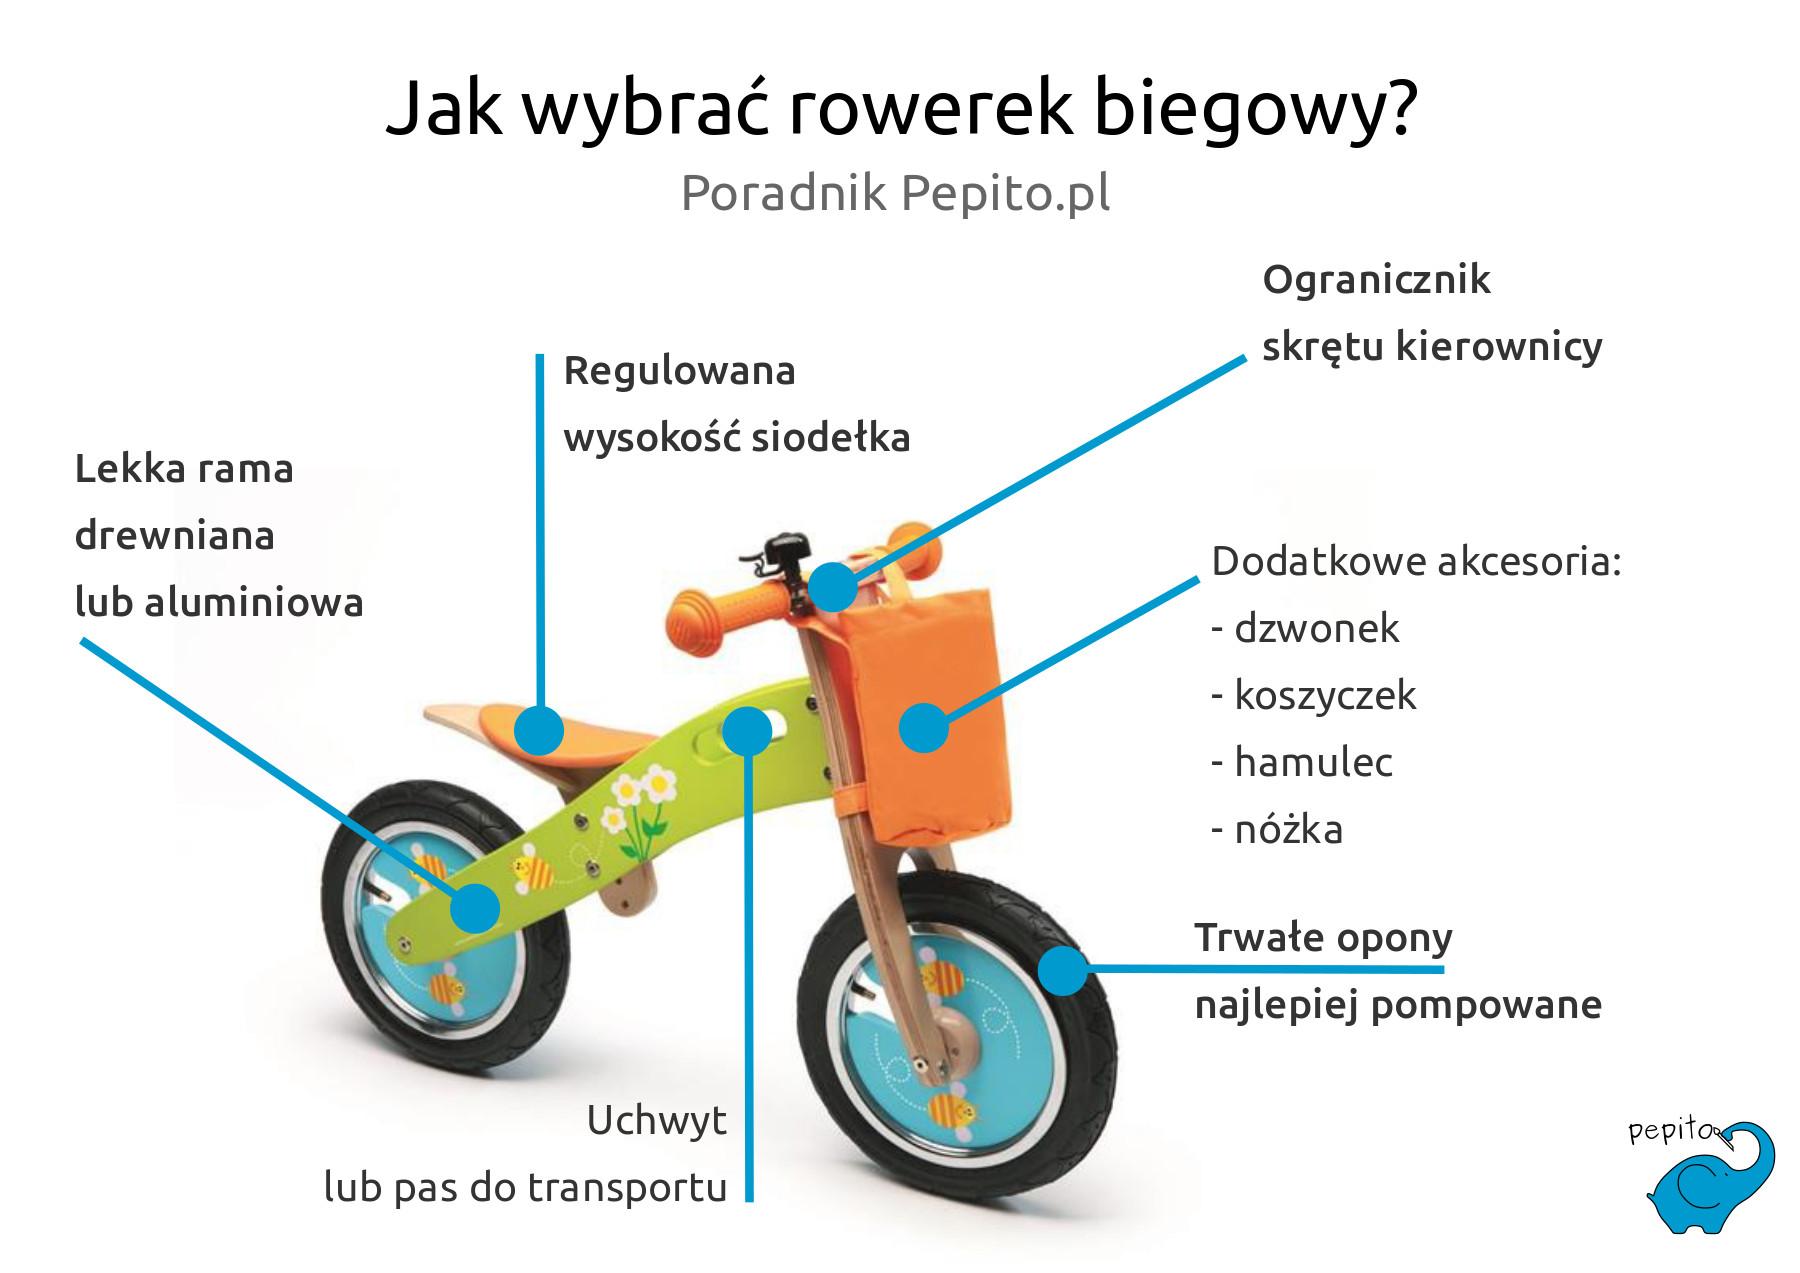 Jak wybrać rowerek biegowy?